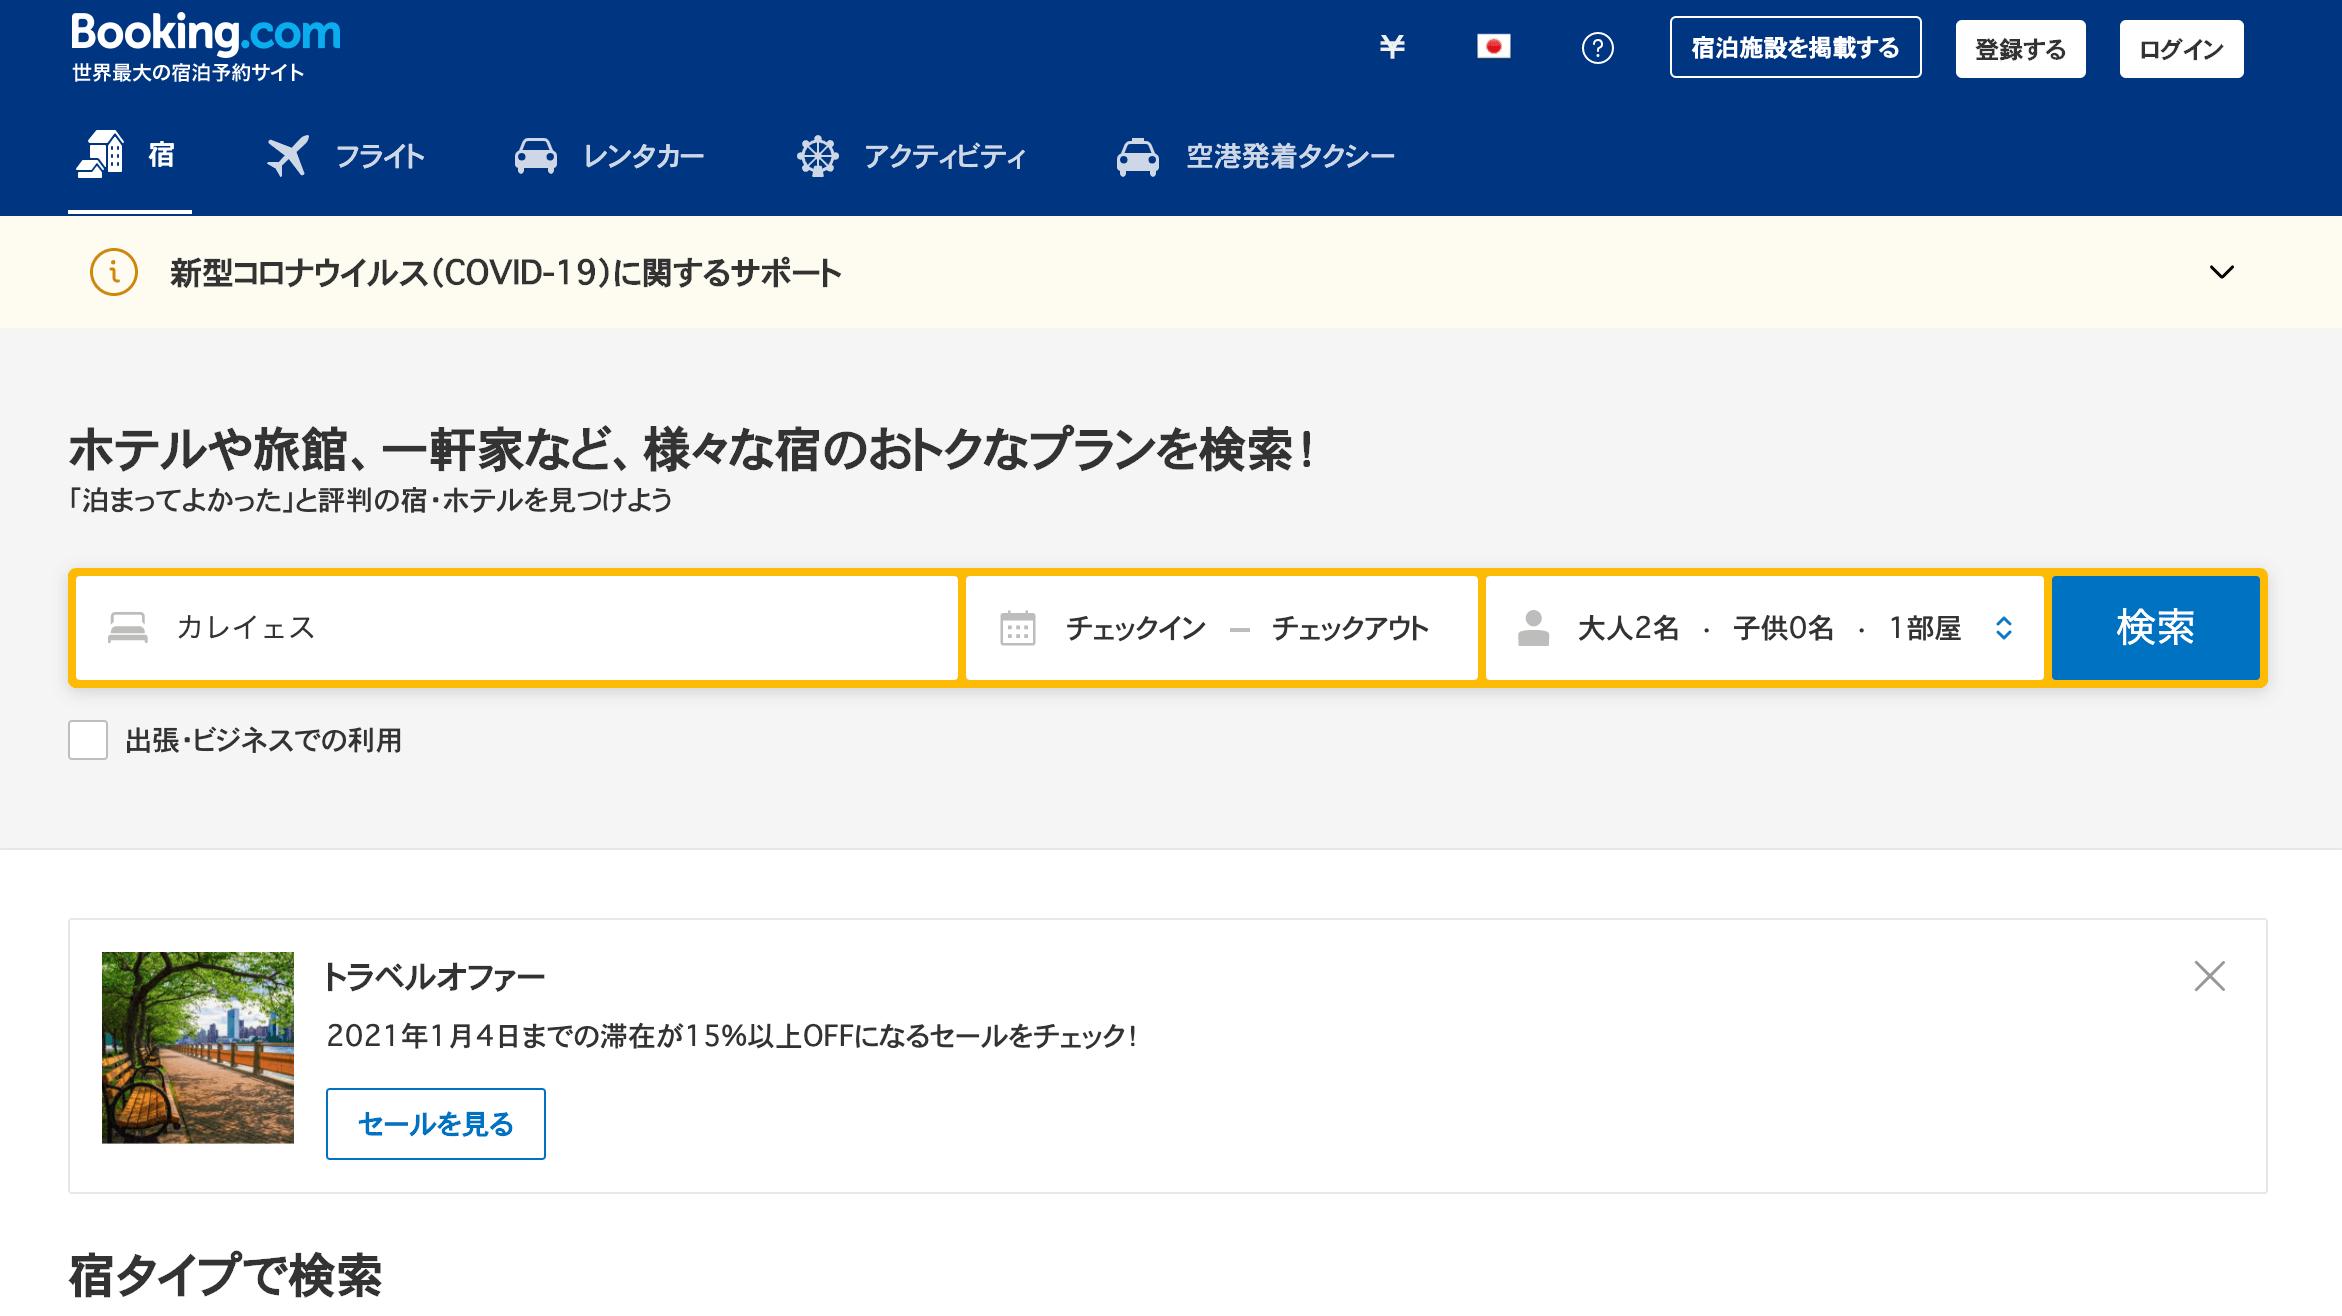 Com 問い合わせ booking